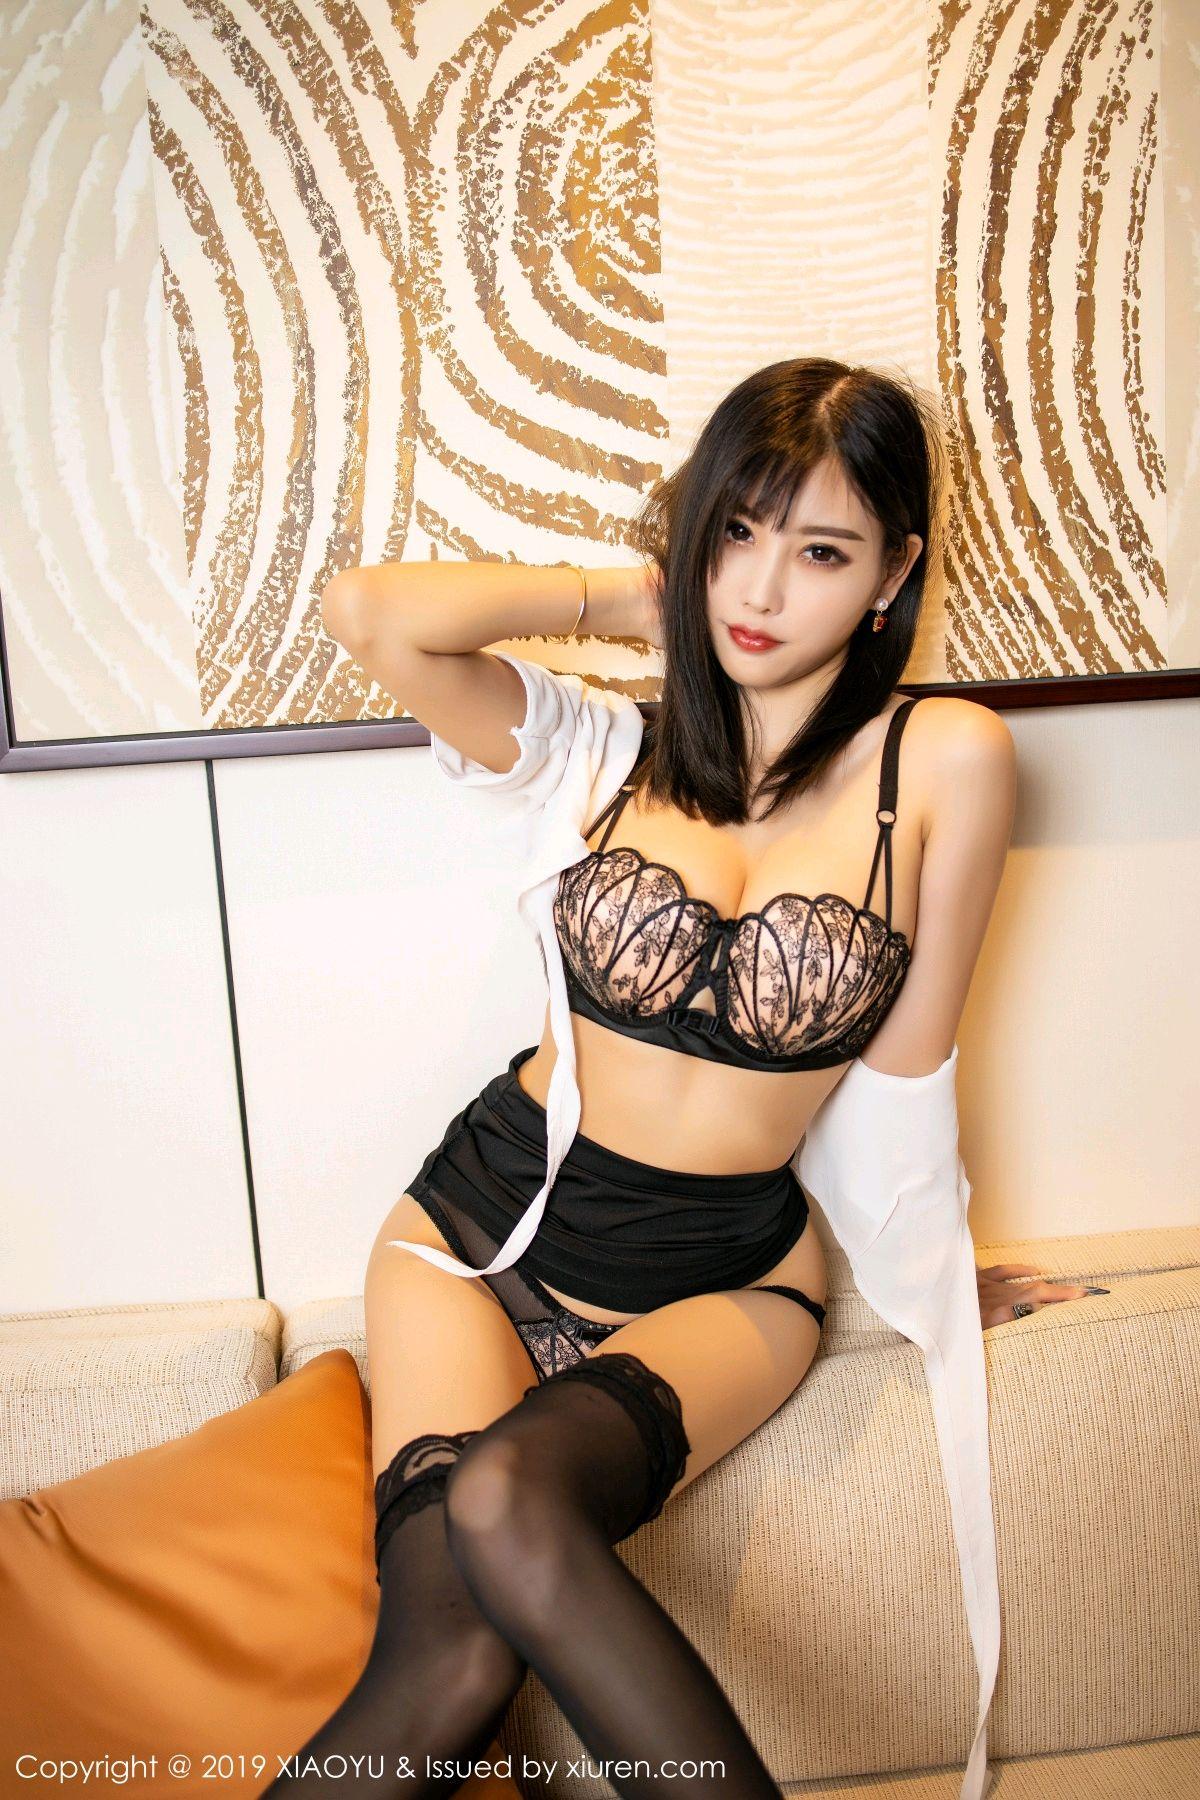 [XiaoYu] Vol.214 Yang Chen Chen 30P, Black Silk, Temperament, XiaoYu, Yang Chen Chen